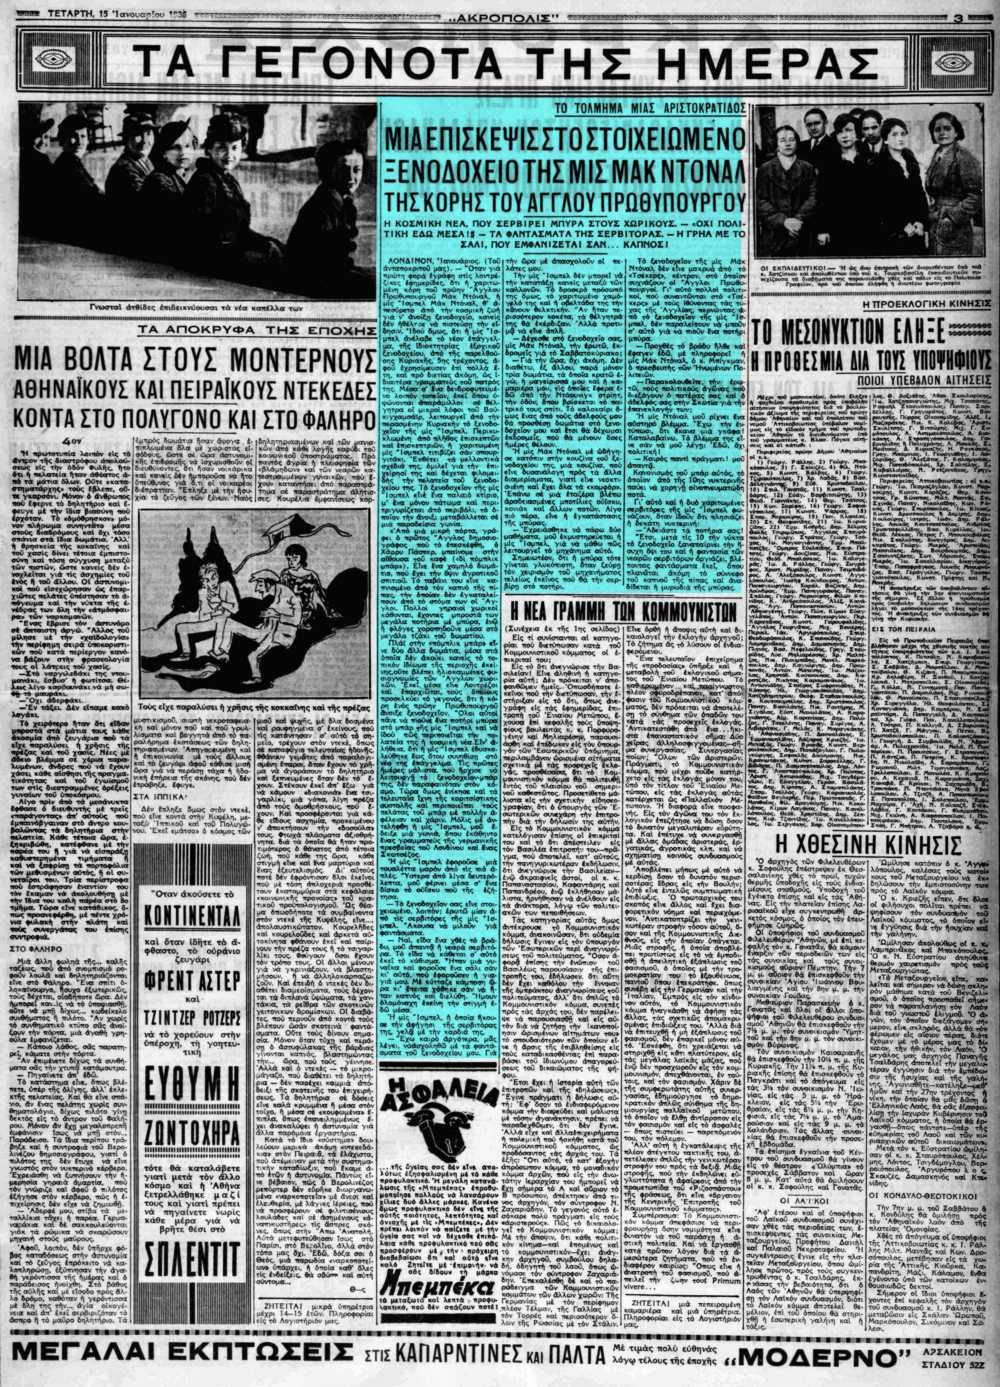 """Το άρθρο, όπως δημοσιεύθηκε στην εφημερίδα """"ΑΚΡΟΠΟΛΙΣ"""", στις 15/01/1936"""